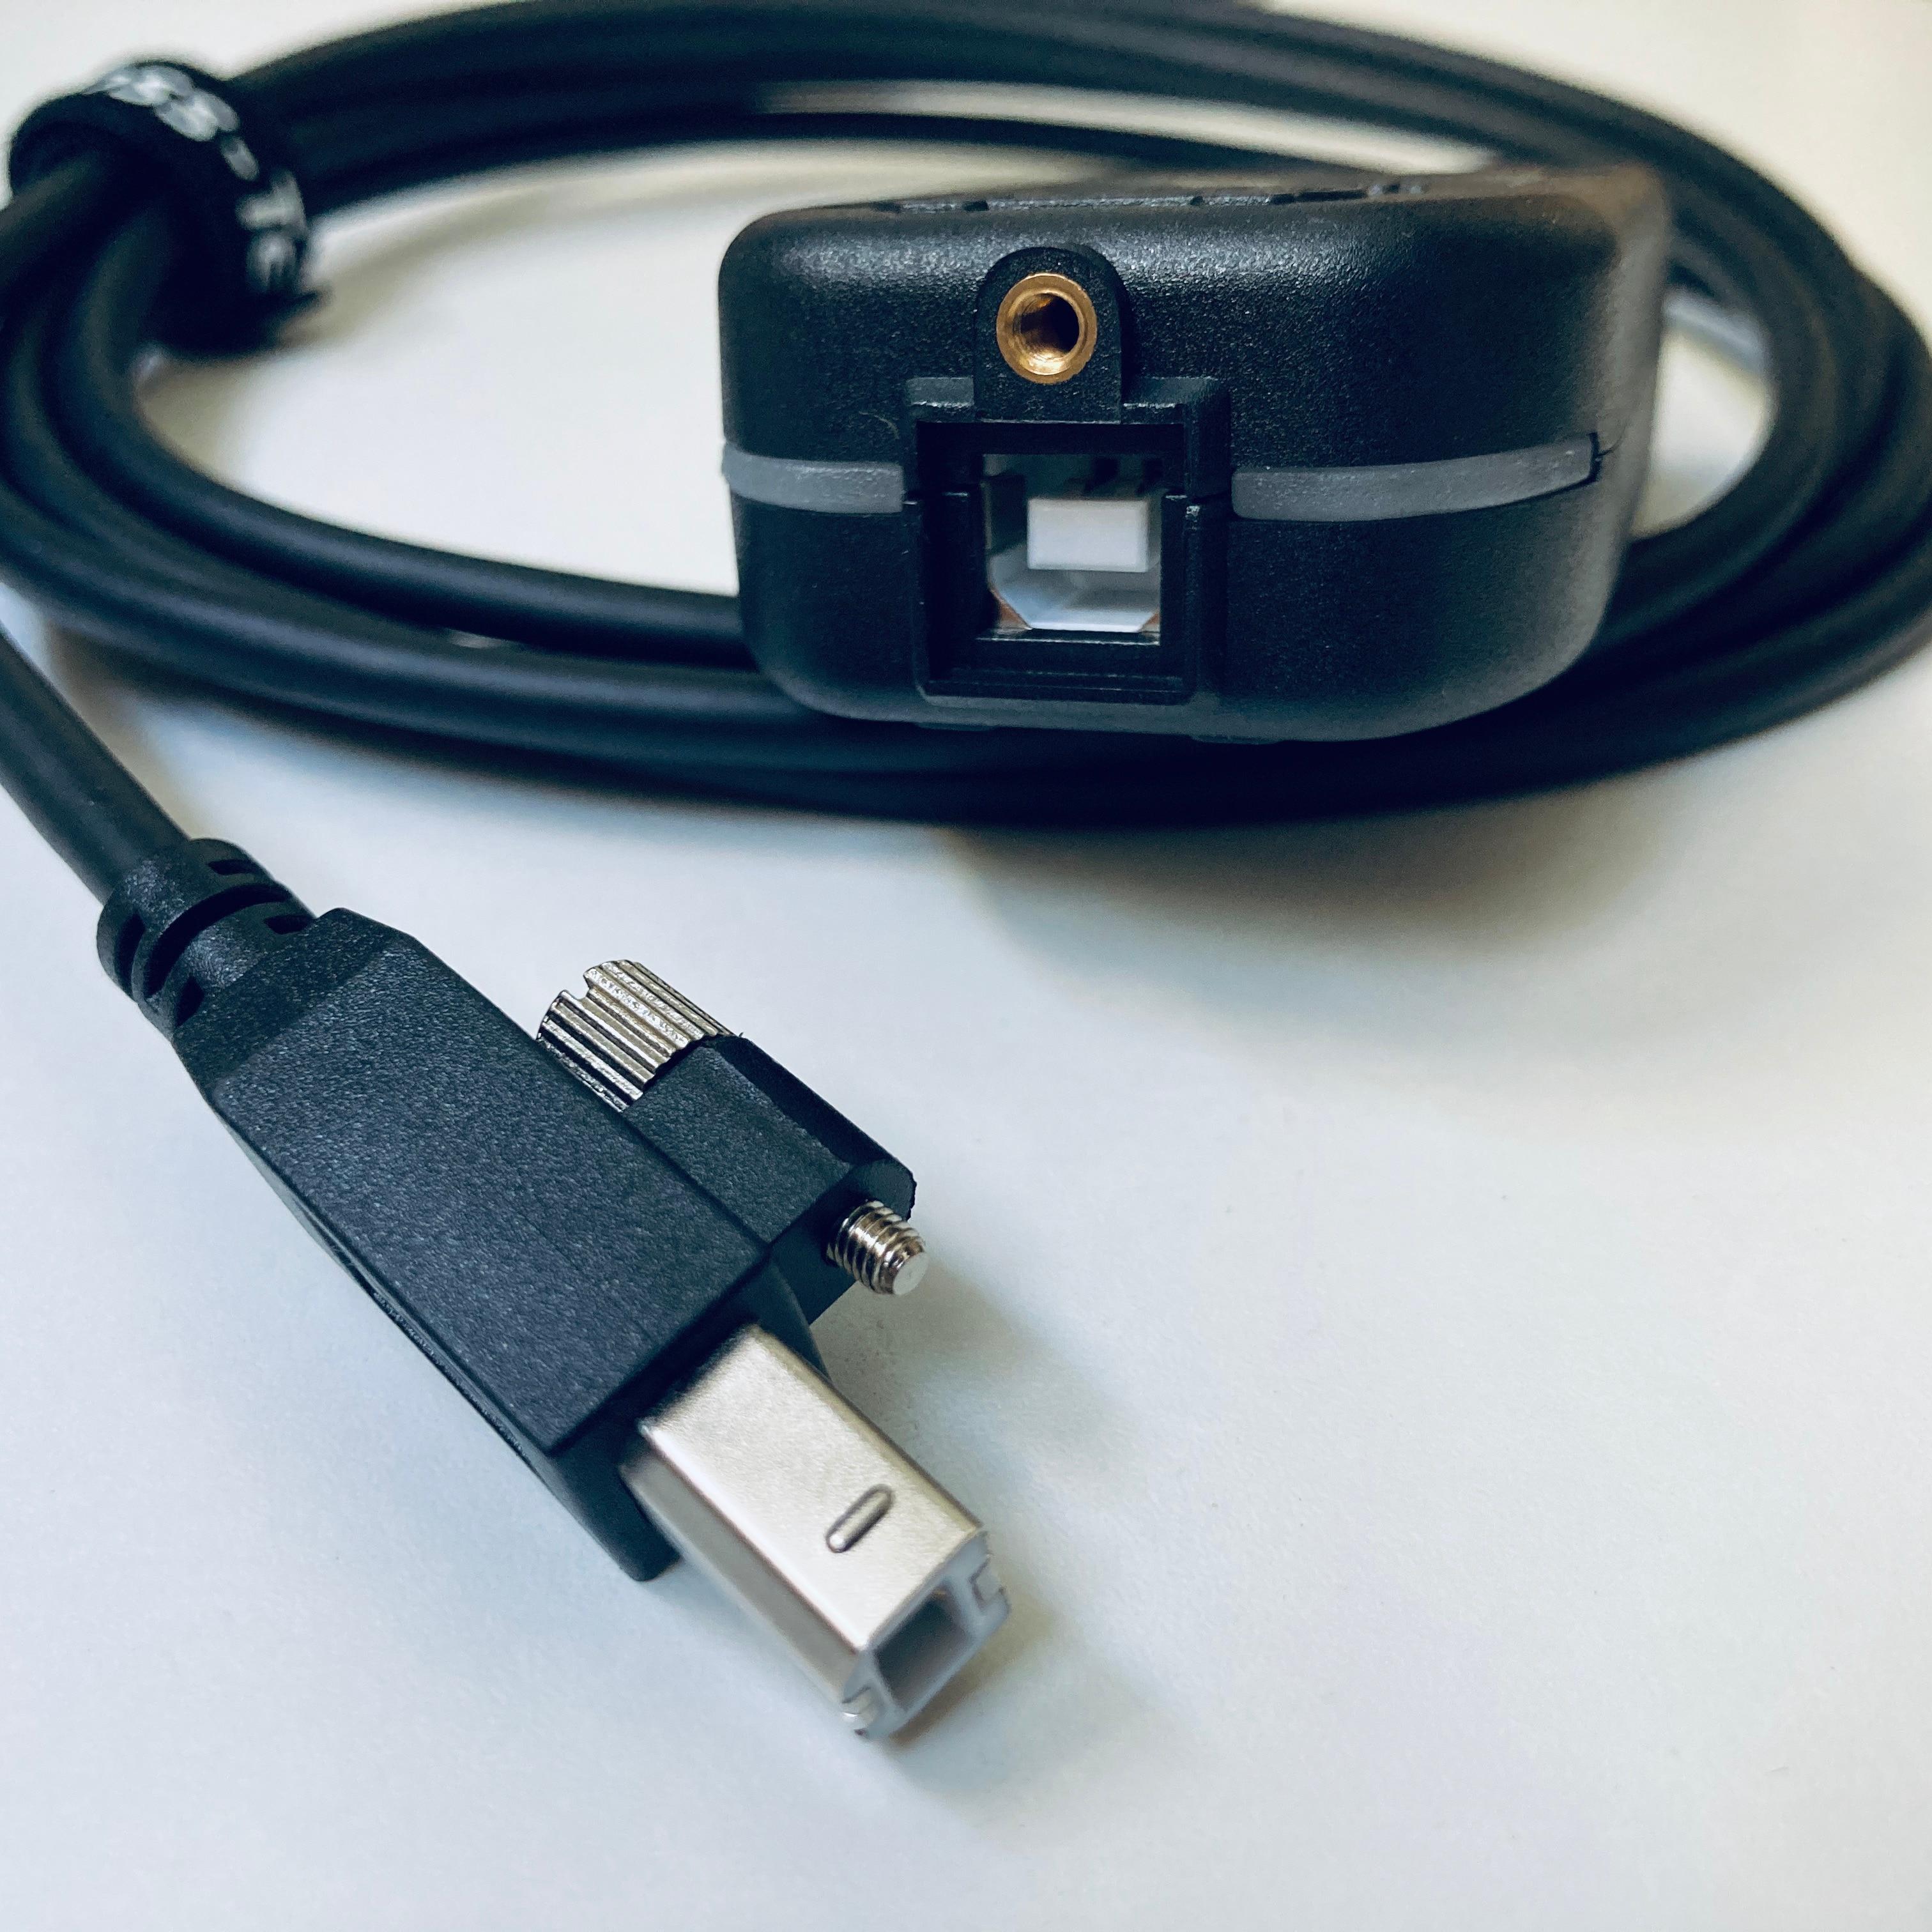 USB интерфейс VAGCOM 20.4.1 VAG COM 20.4.2 HEX CAN для VW AUDI Skoda Seat VAG 19,6 2020 Popolar несколько языков